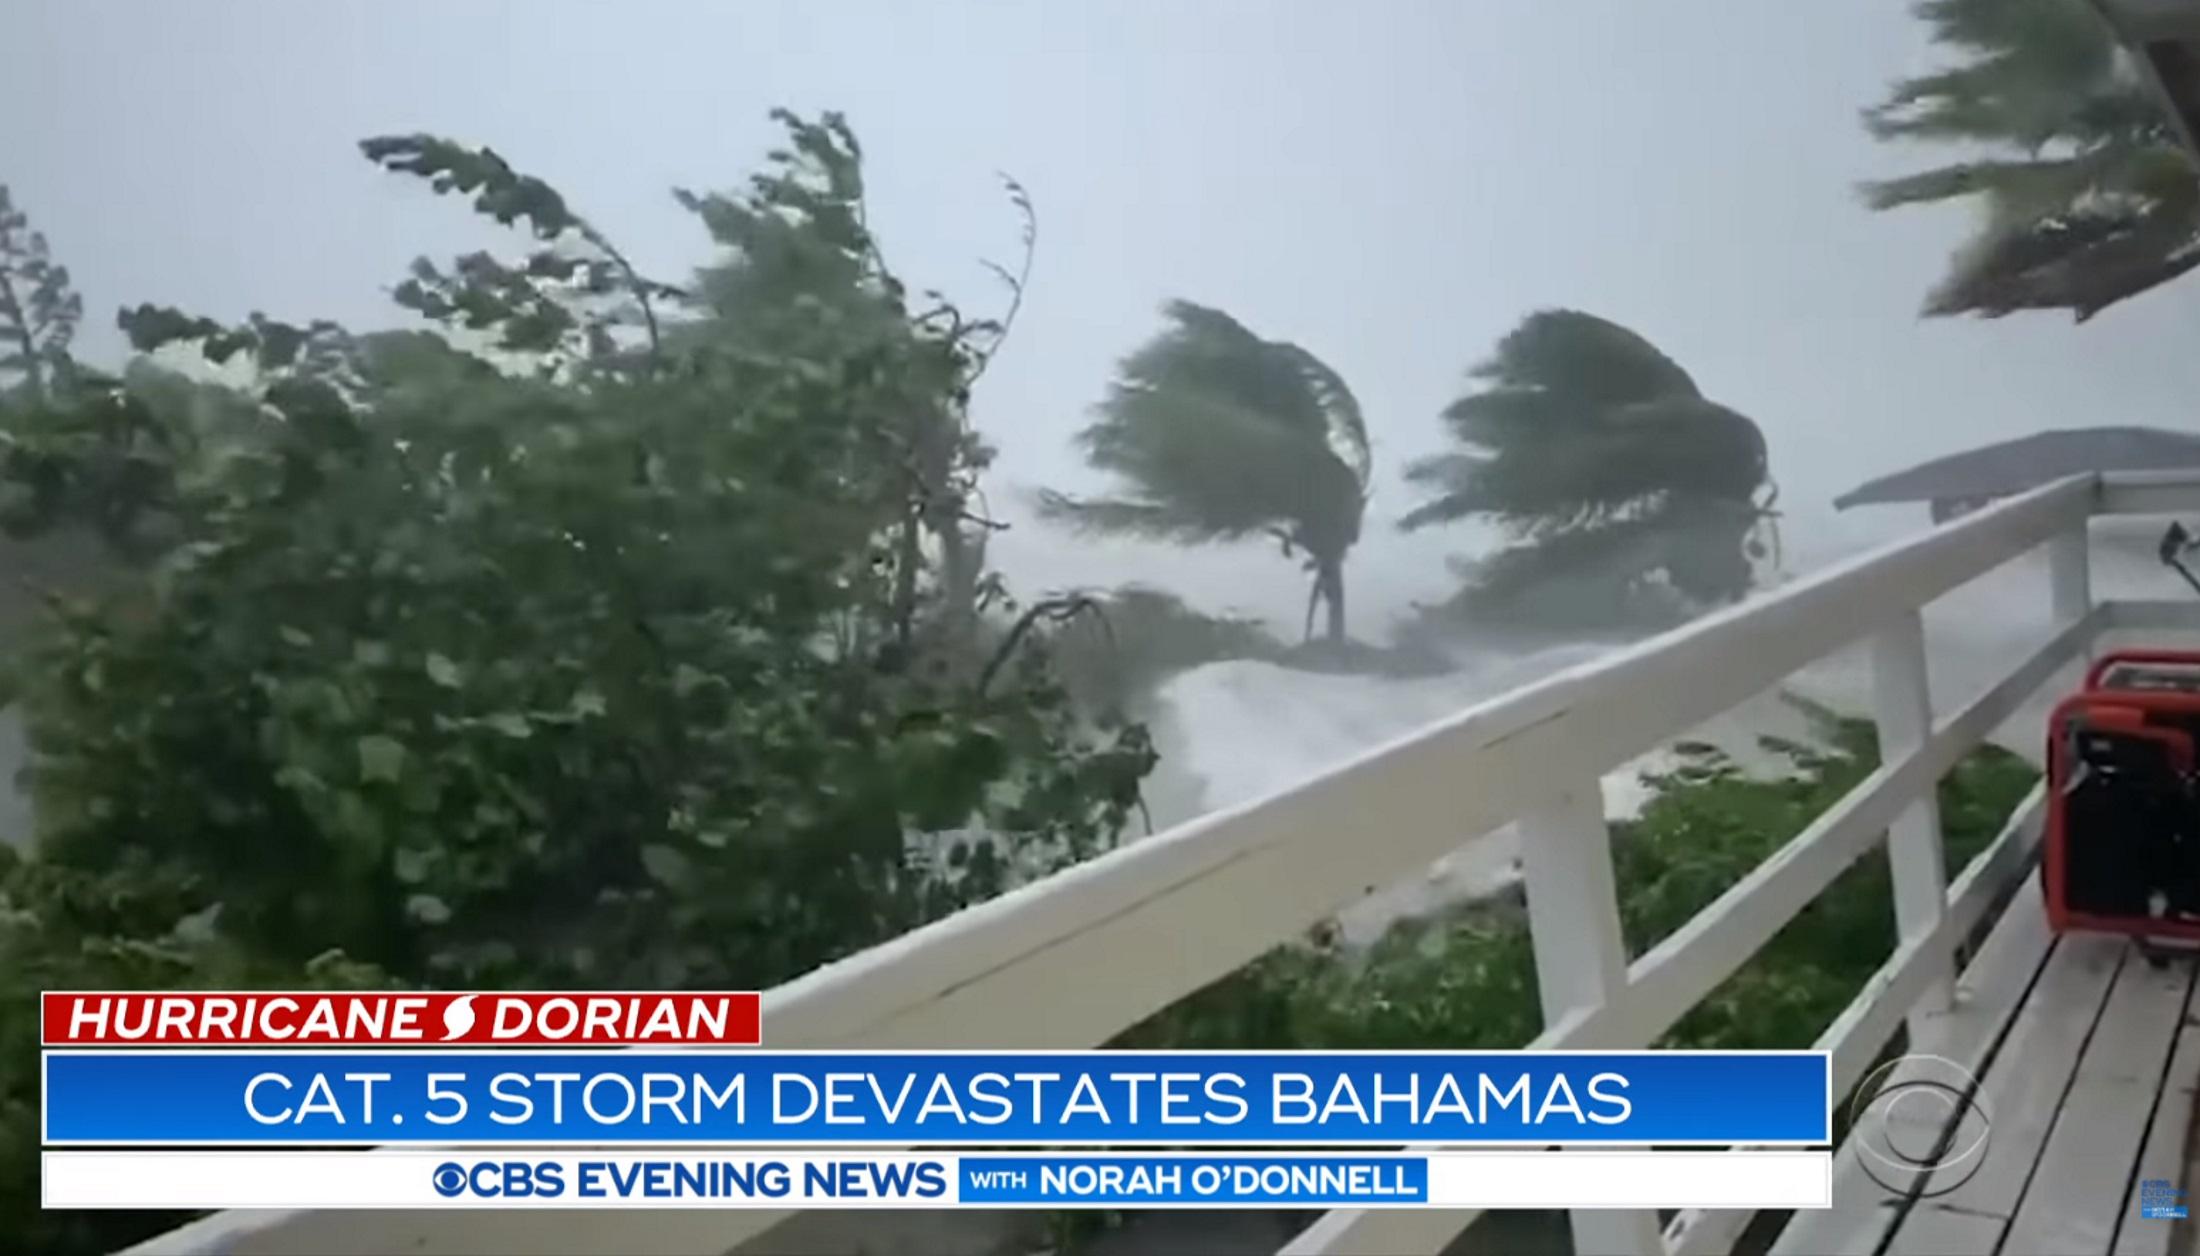 κυκλώνας Ντόριαν